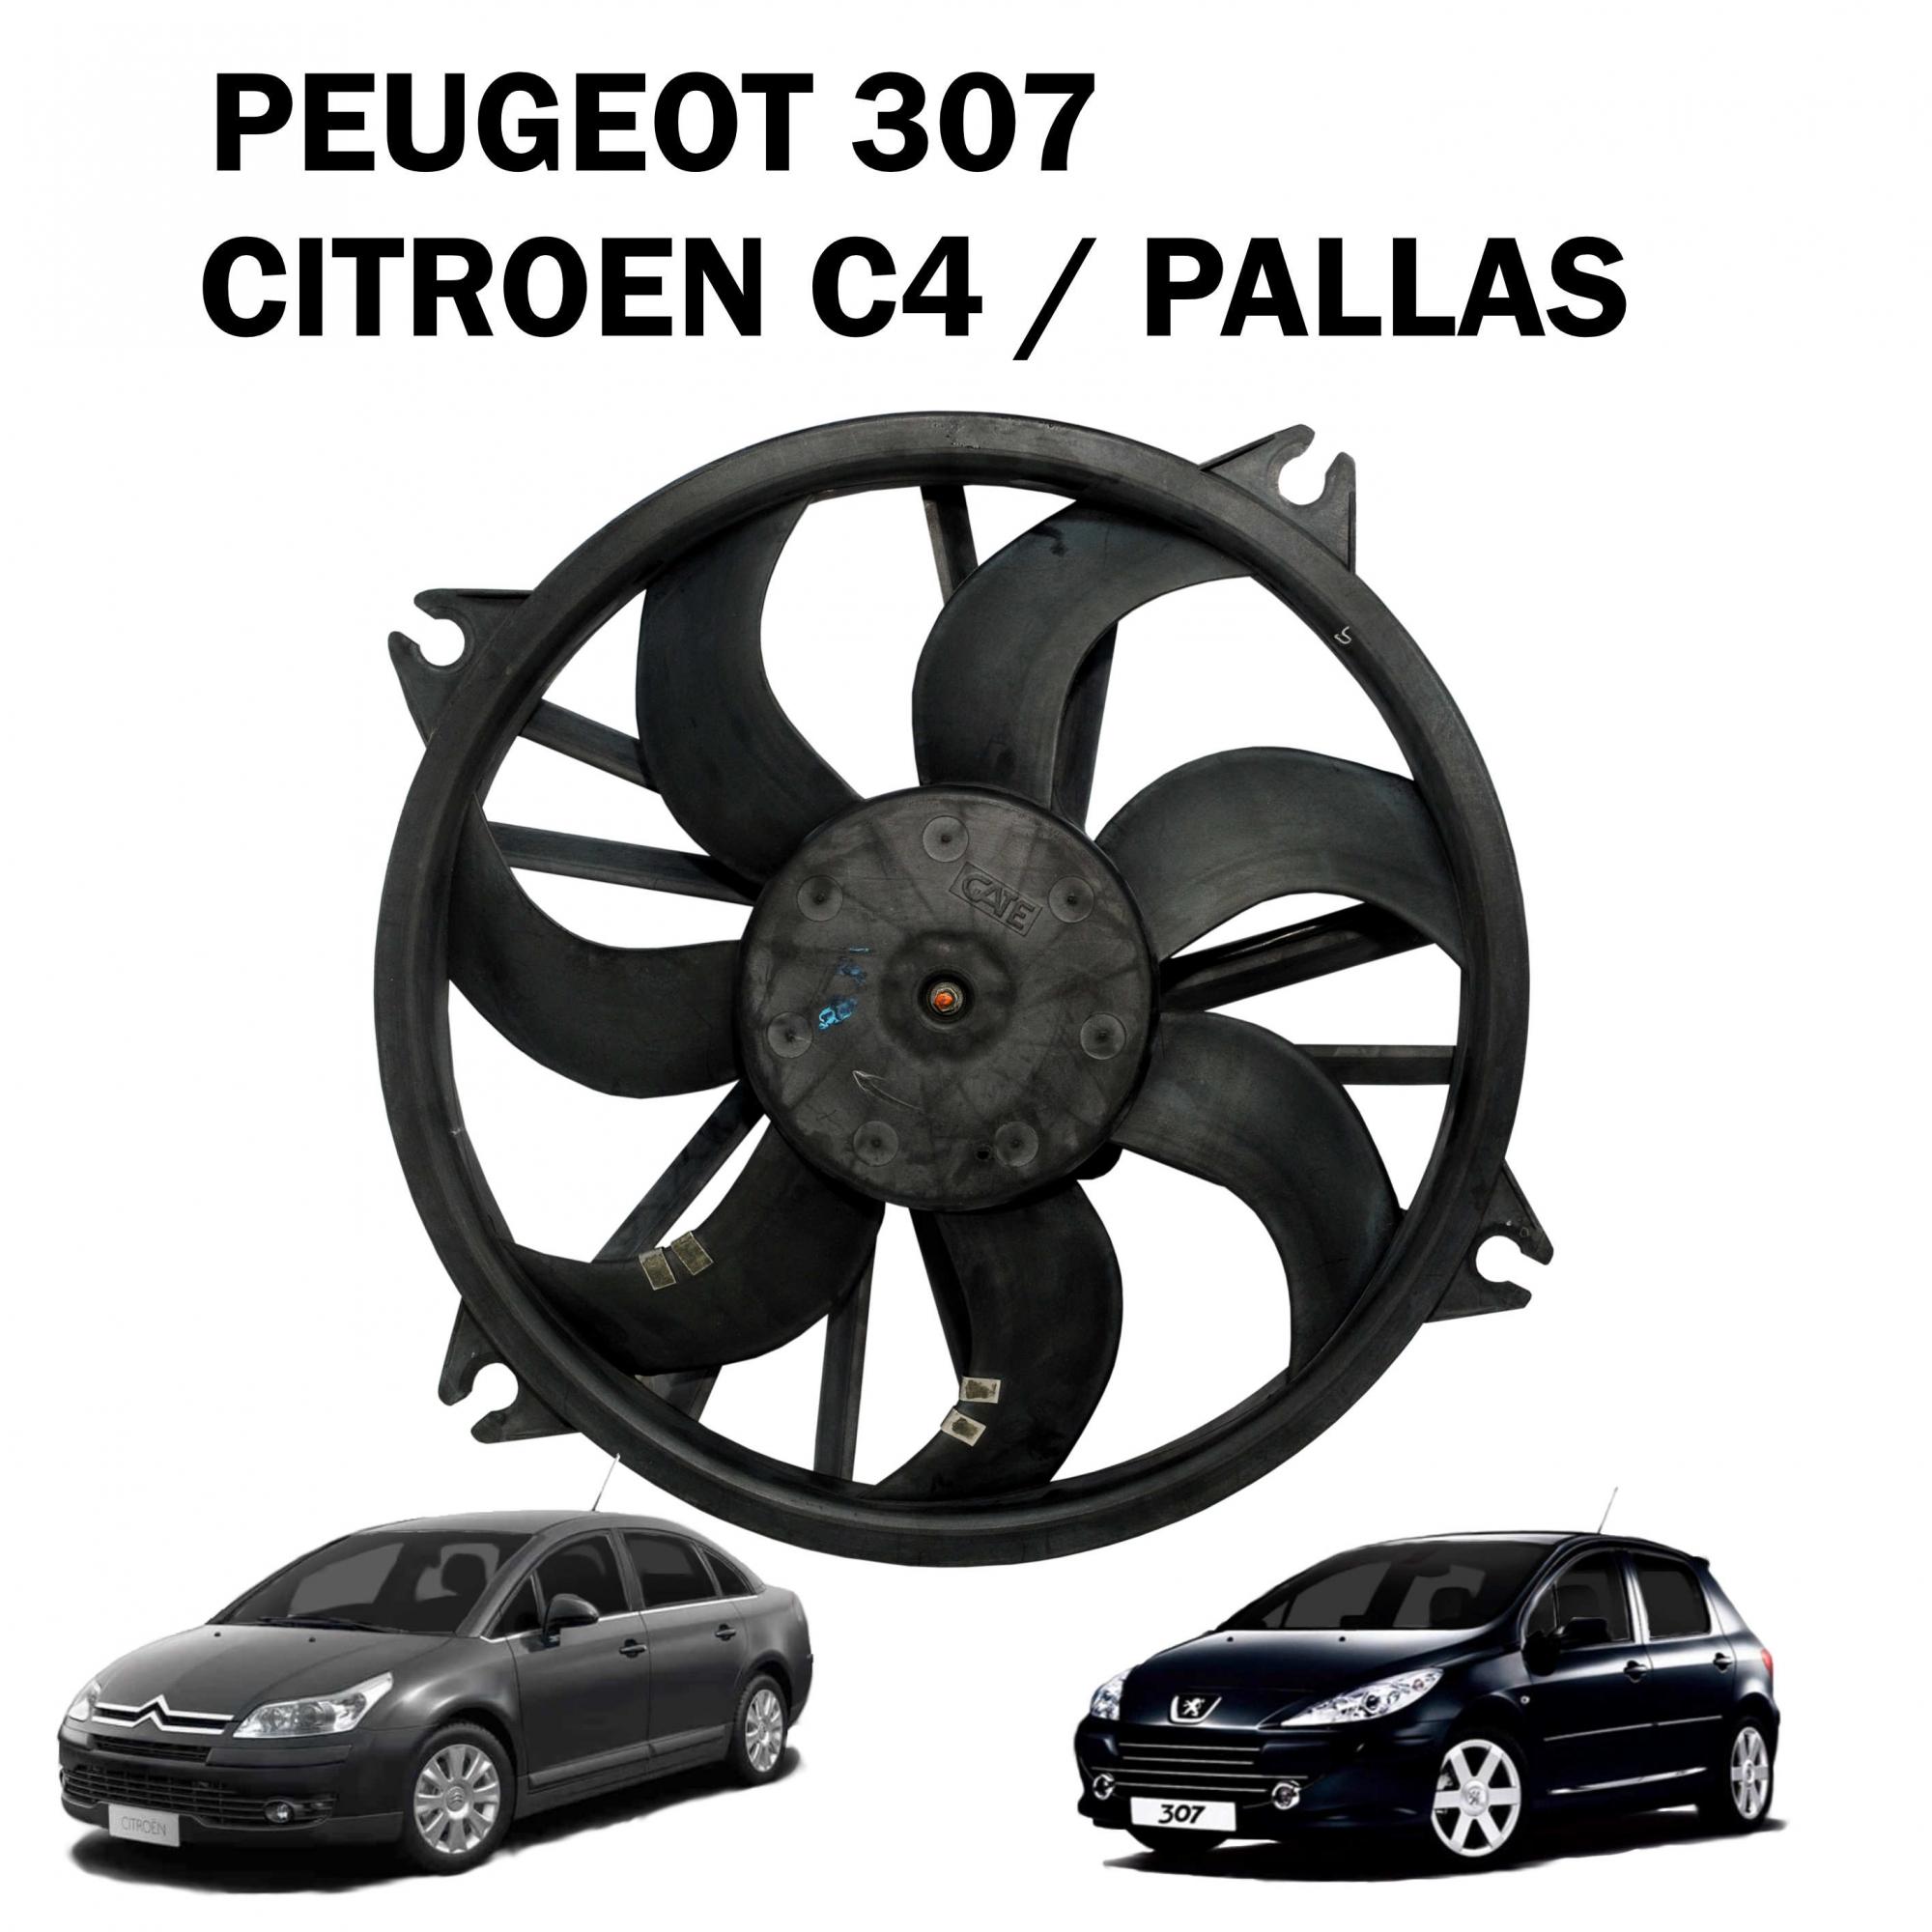 Eletroventilador Ventoinha Peugeot 307, Citroen C4, C4 Pallas